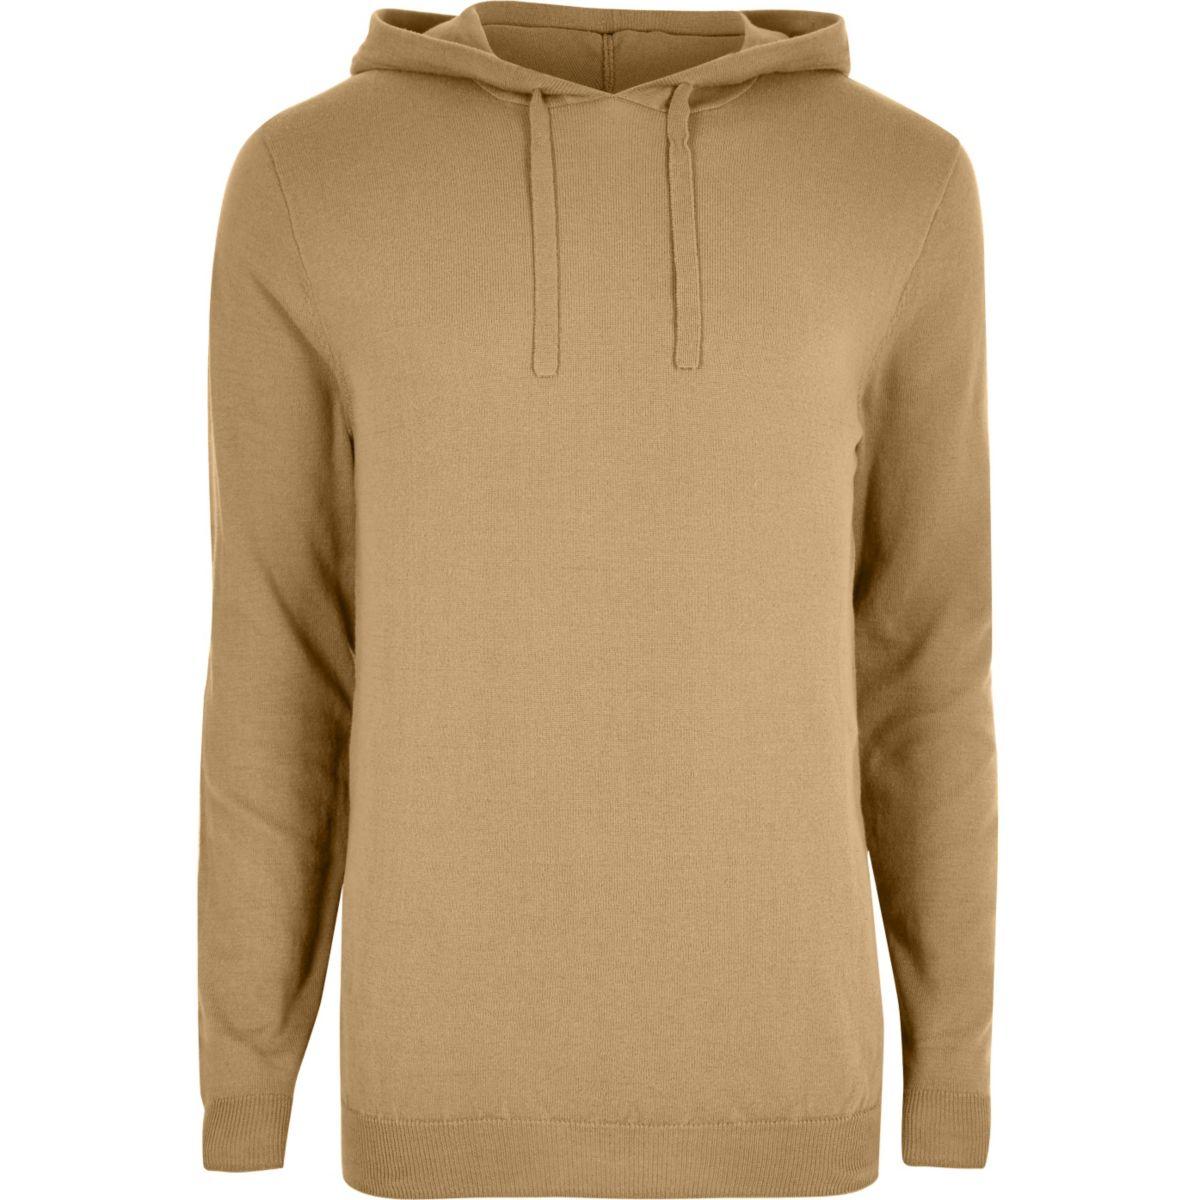 Brown slim fit basic casual hoodie